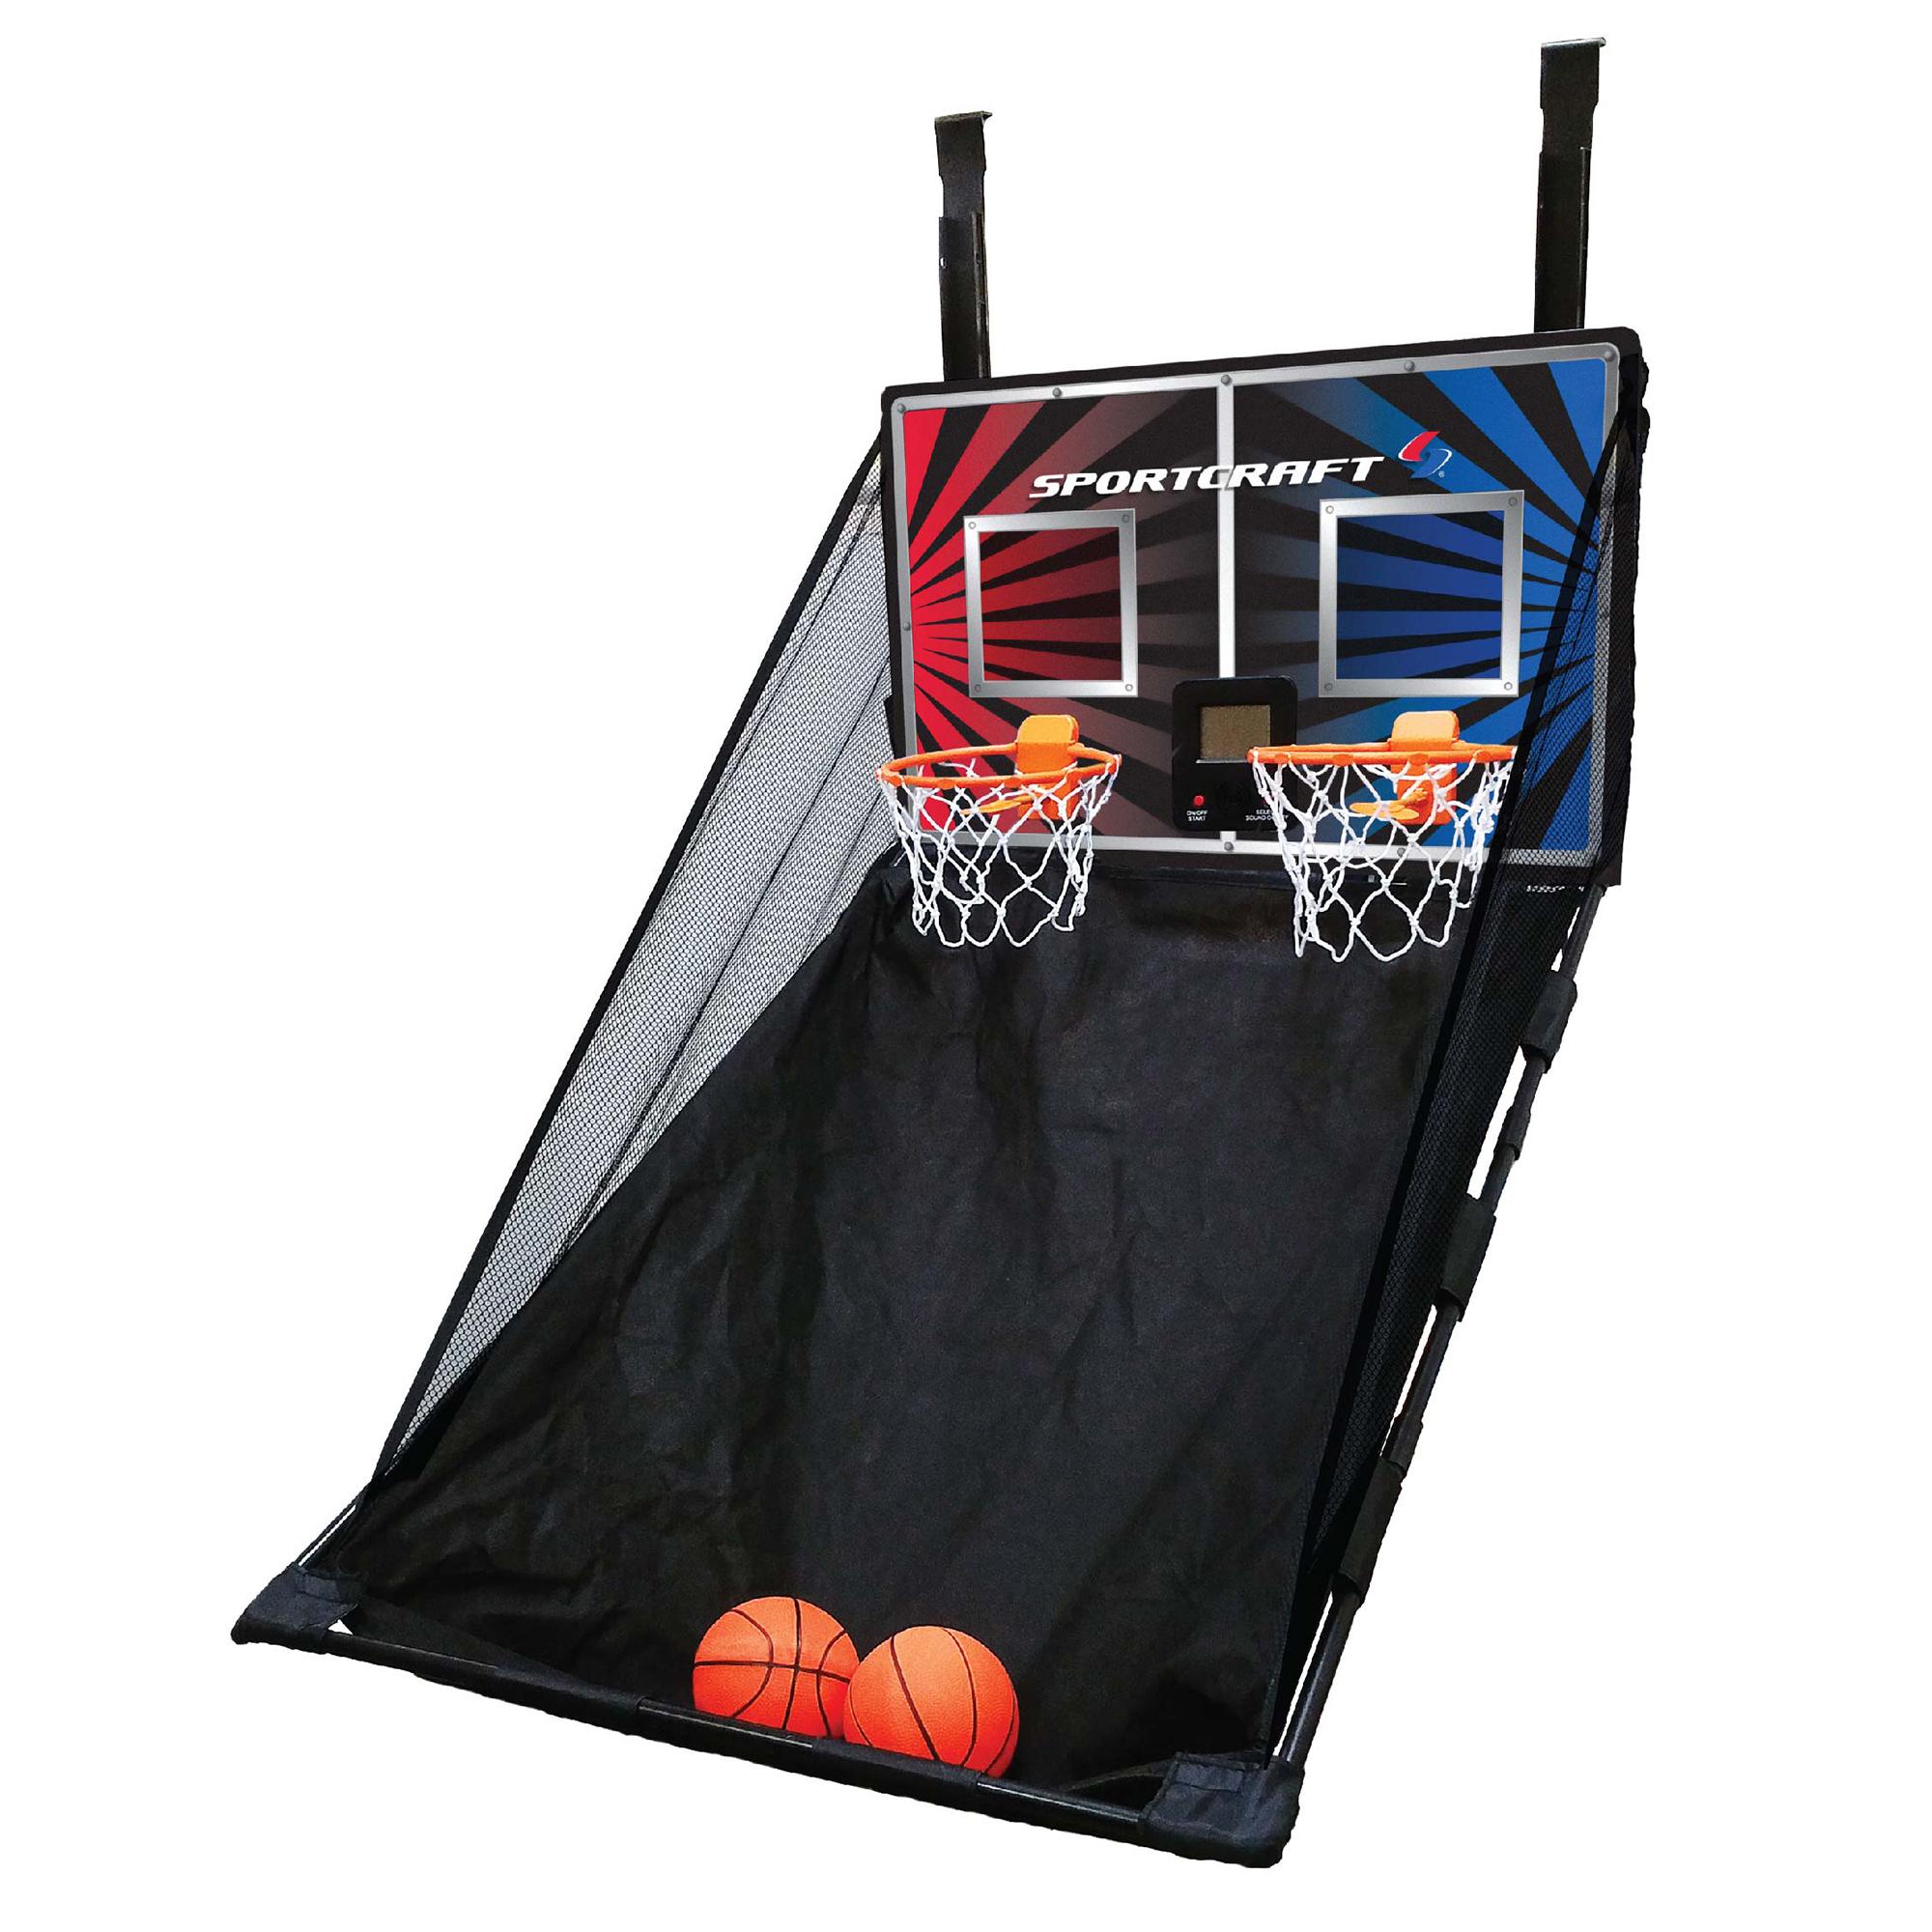 Sportcraft Over The Door Double Hoop Basketball Game